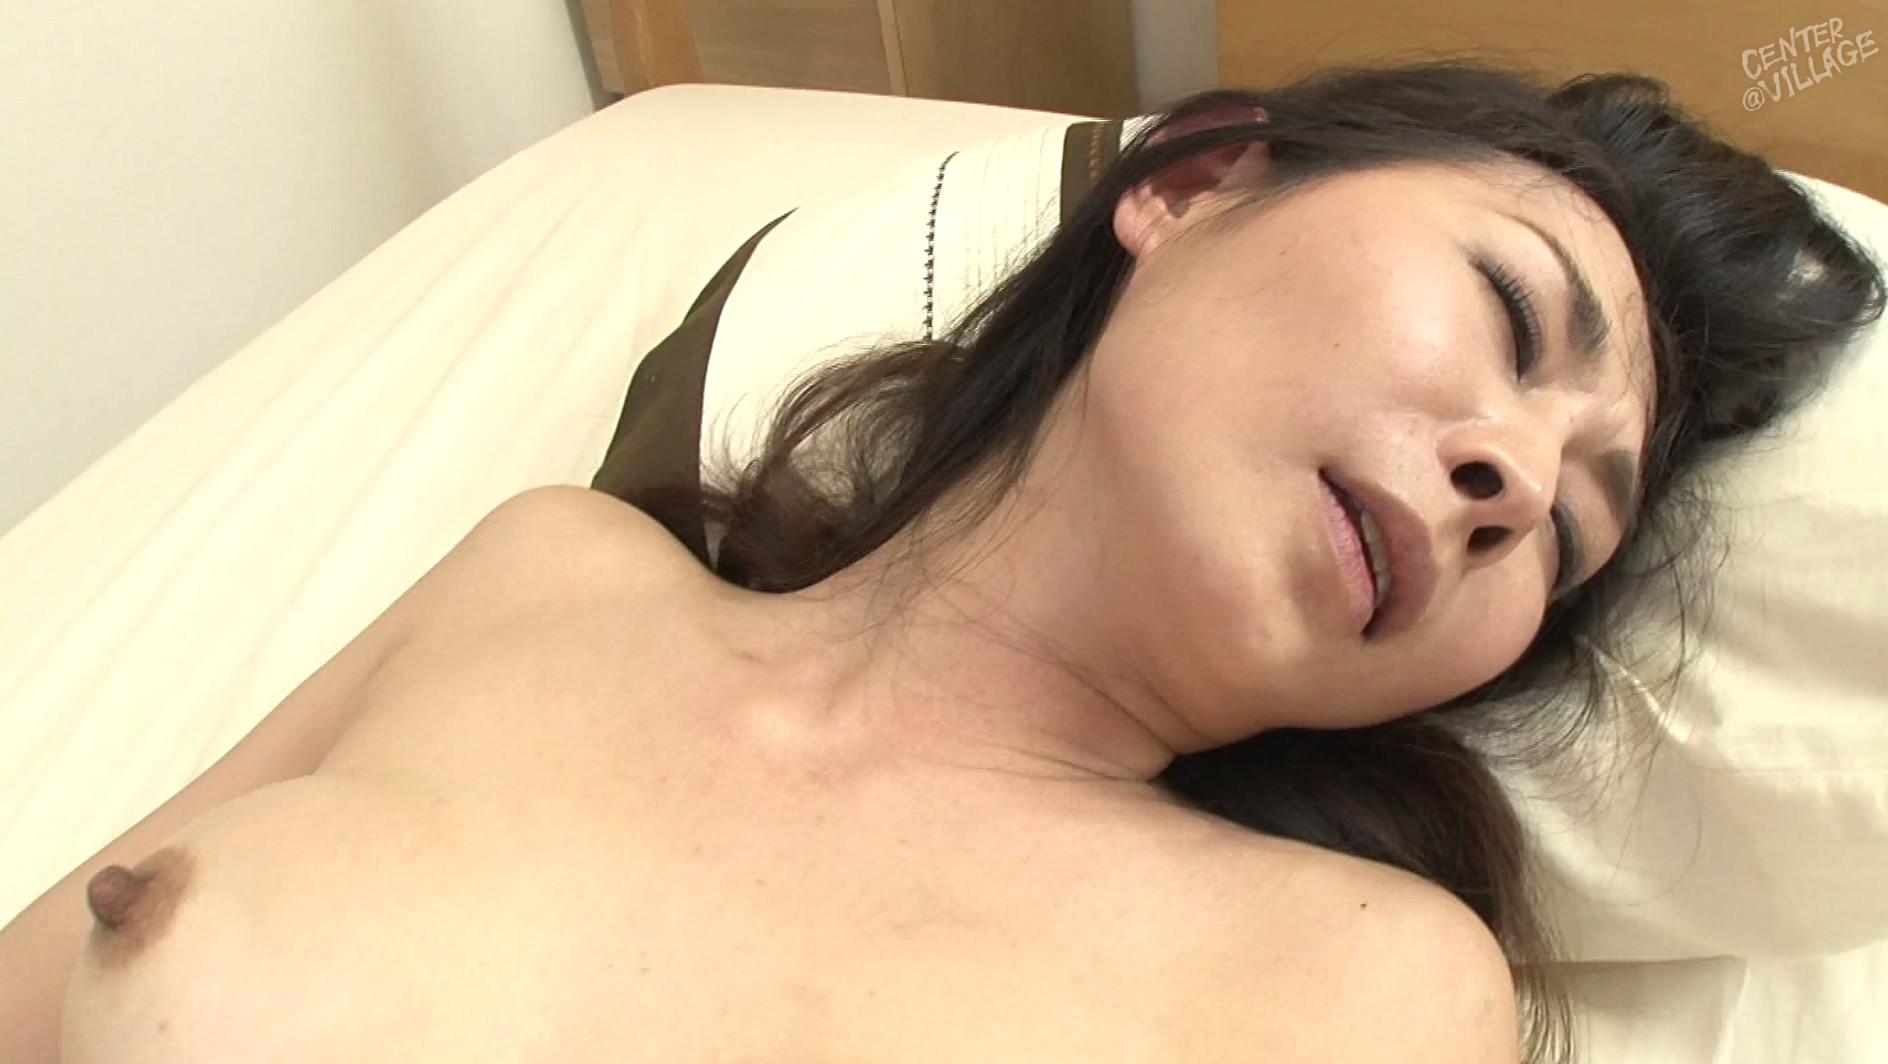 熟女AVで抜けるやつ [無断転載禁止]©bbspink.comfc2>1本 YouTube動画>1本 ->画像>298枚